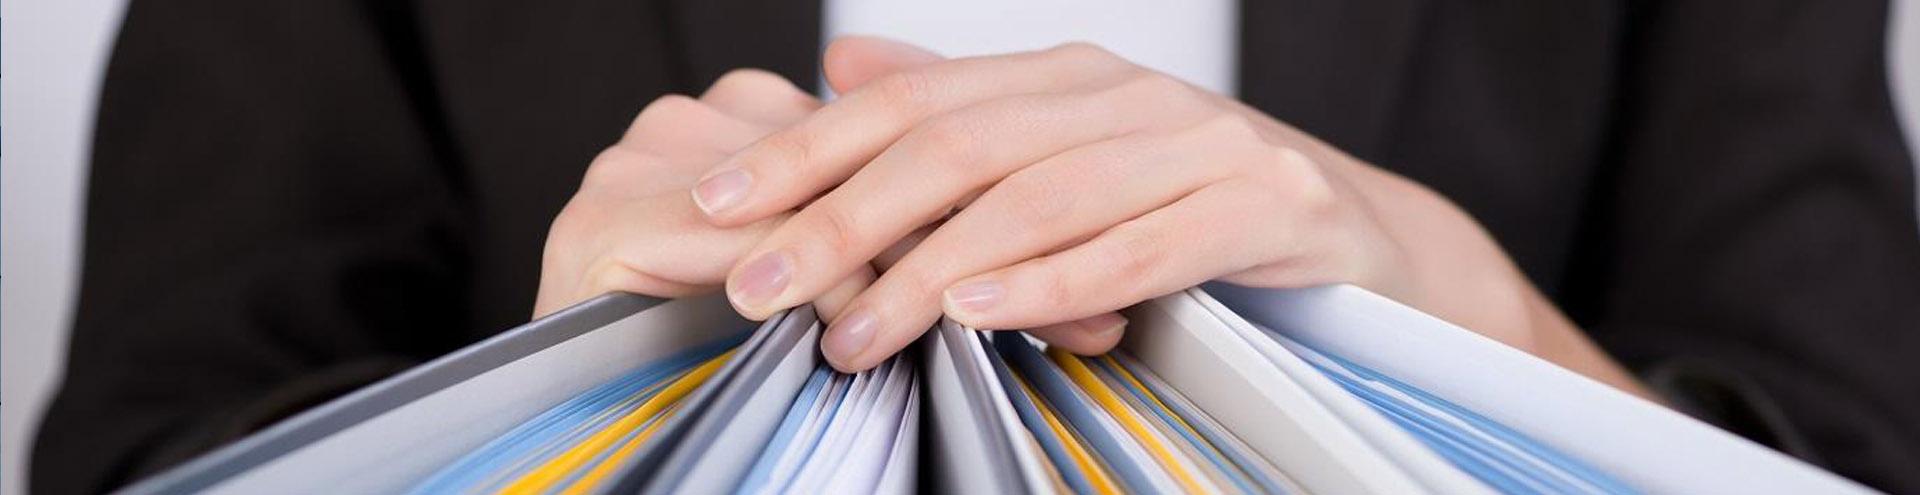 Подготовка арбитражных документов в Астрахани и Астраханской области